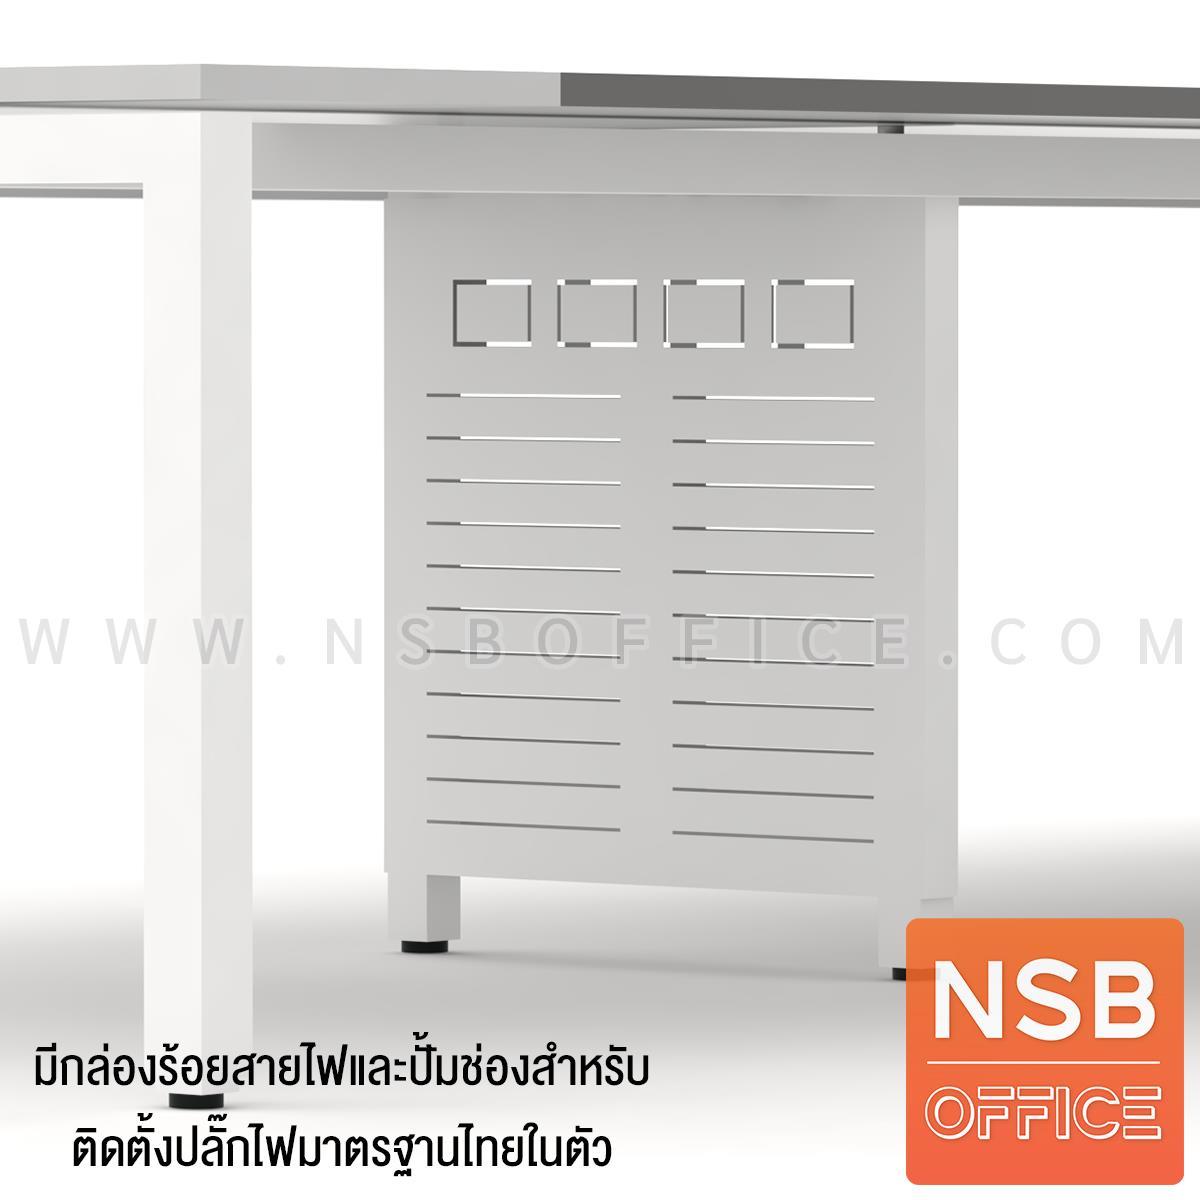 โต๊ะประชุมทรงสี่เหลี่ยม 180D cm. รุ่น CONNEXX-081   ขากลางมีกล่องร้อยสายไฟ